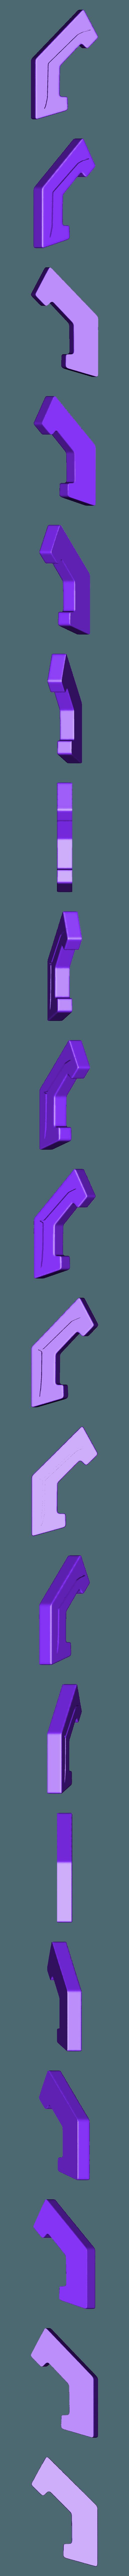 defqon_3.stl Download free STL file DEFQON LOGO • 3D printing model, BODY3D